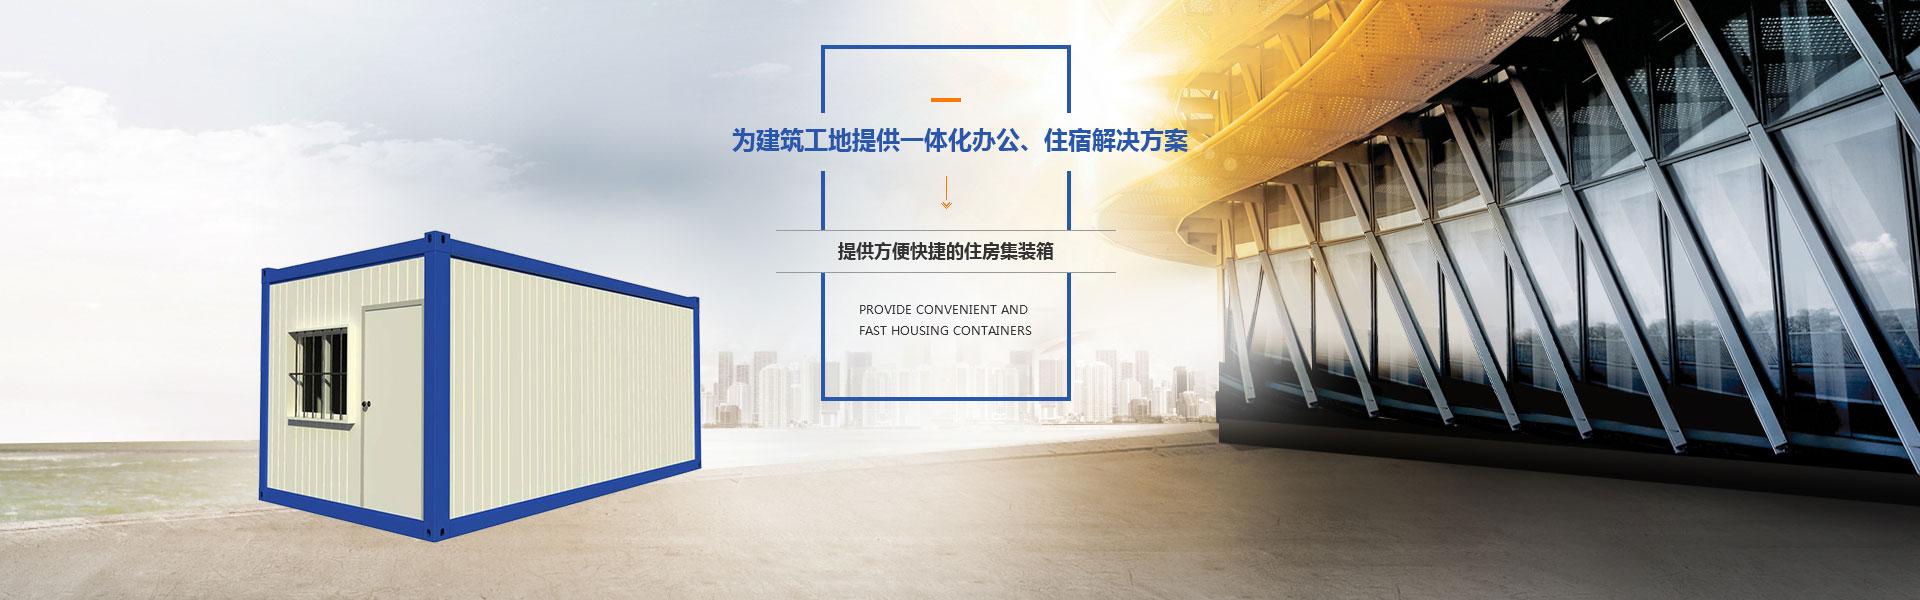 重庆住人集装箱房厂家